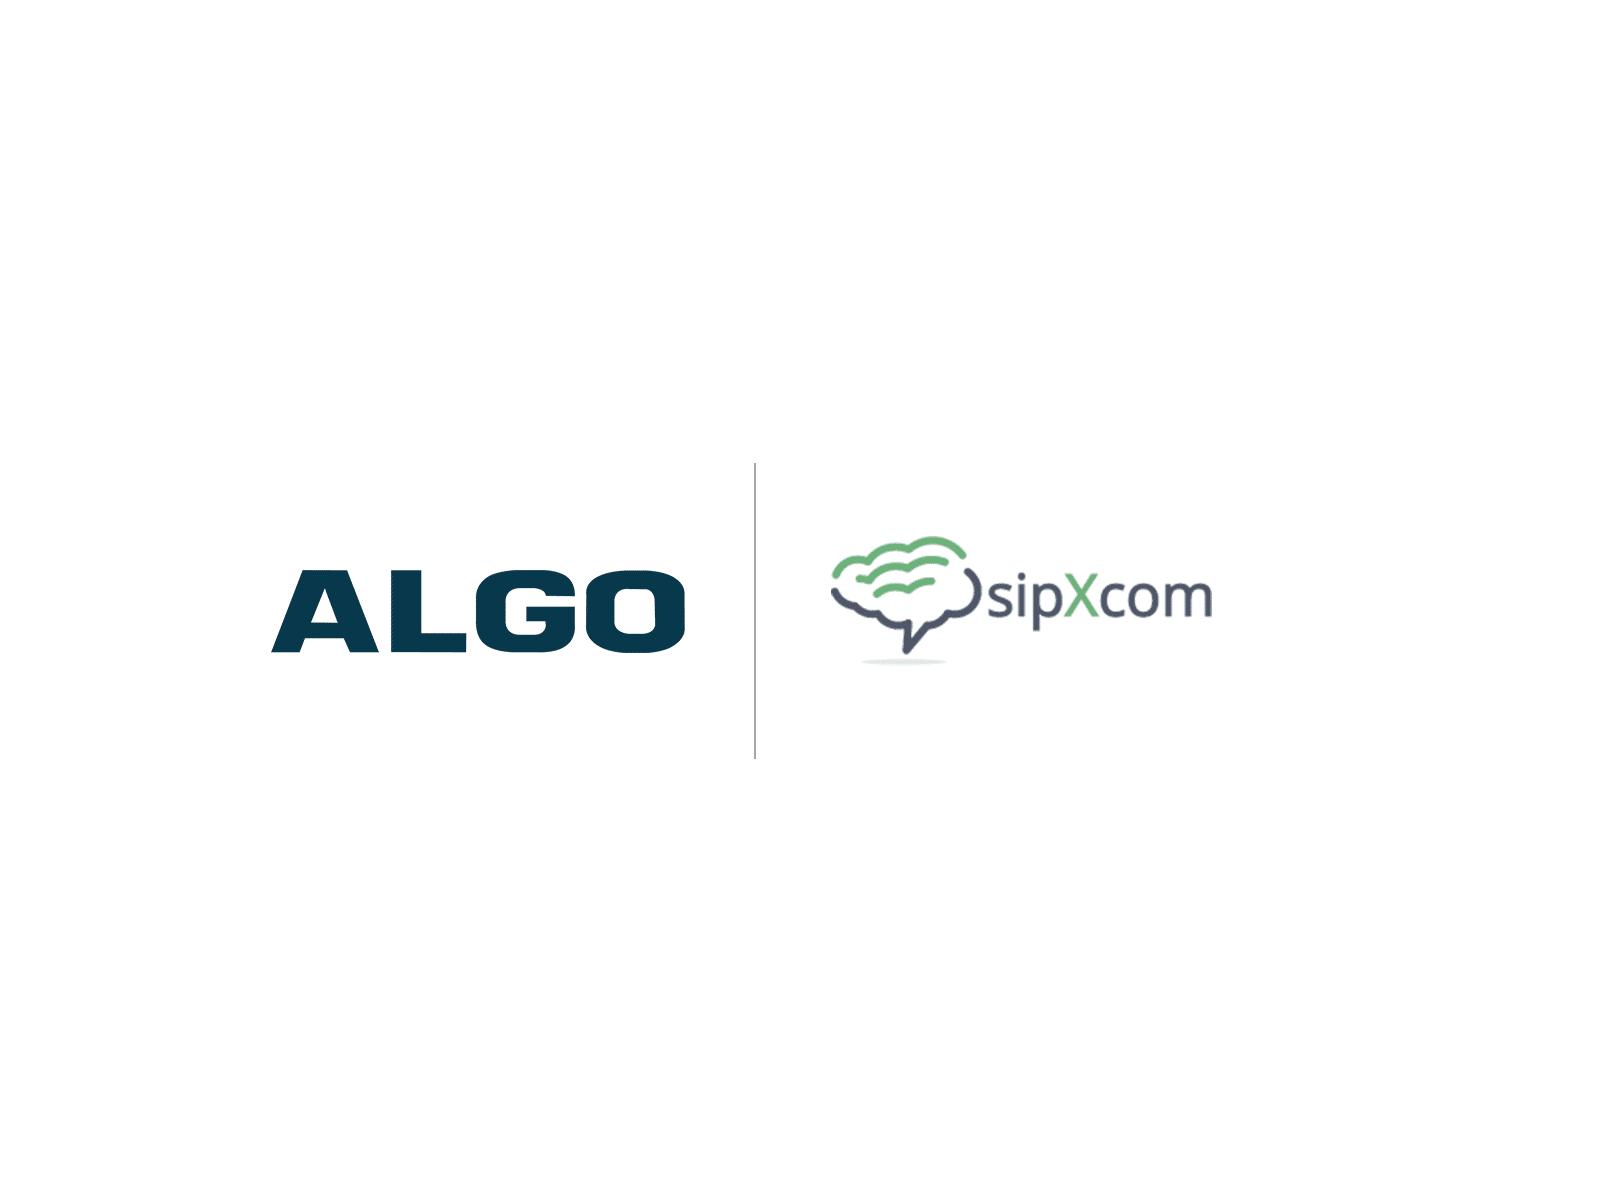 Algo sipXcom Compatibility Logo